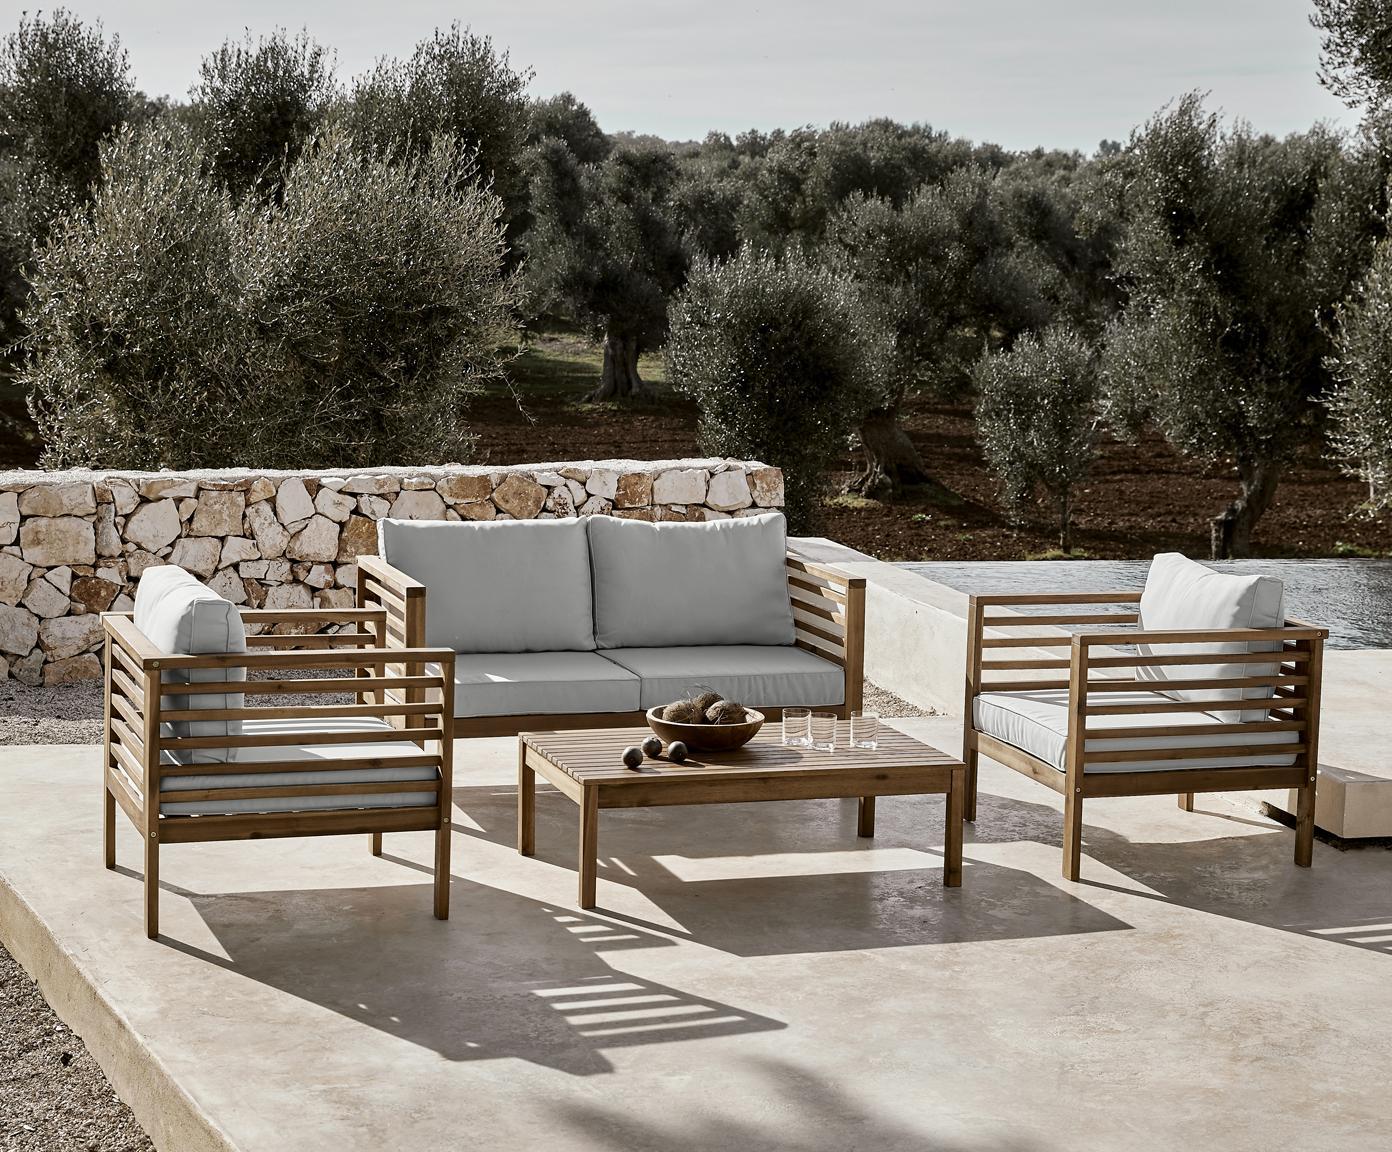 Sada zahradního nábytku Bo, 4 díly, Potah: šedá Rám: akátové dřevo